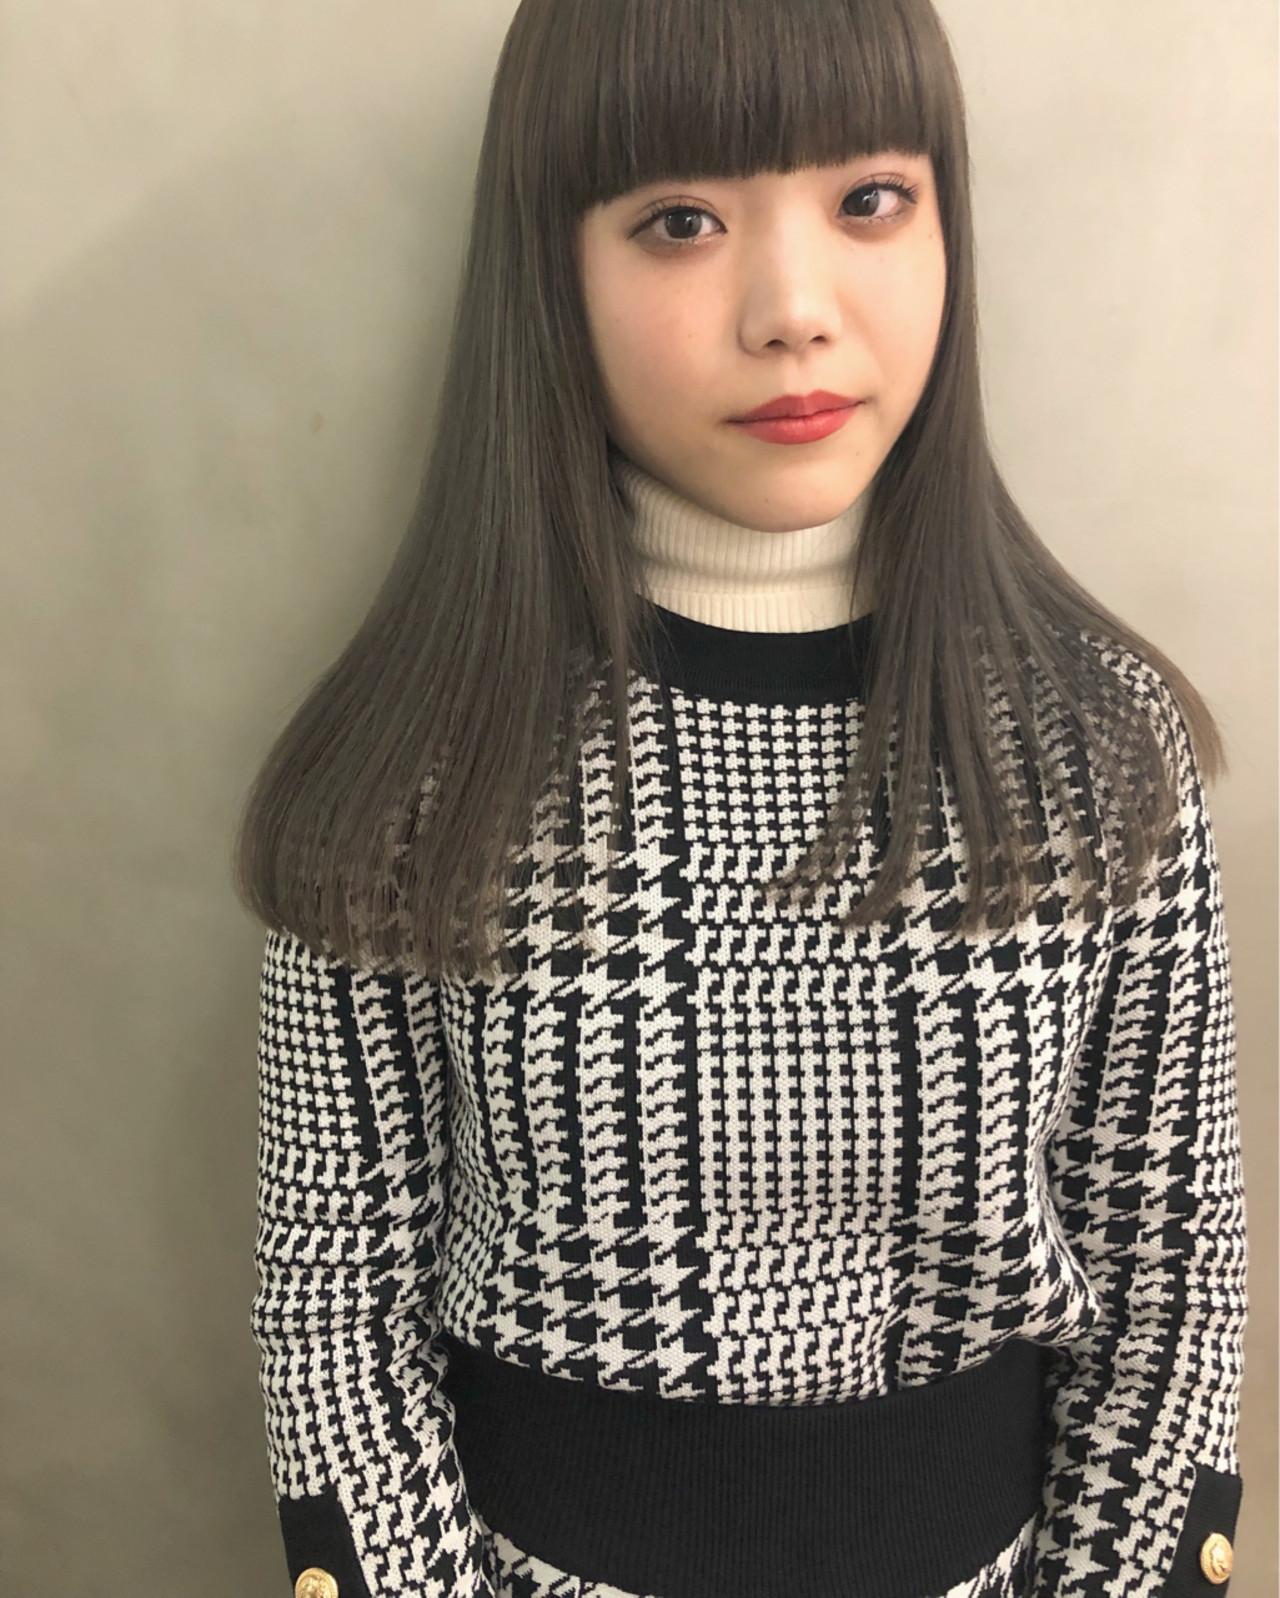 簡単ヘアアレンジ ナチュラル オフィス デート ヘアスタイルや髪型の写真・画像 | 野田和宏 / PARKiiiNG